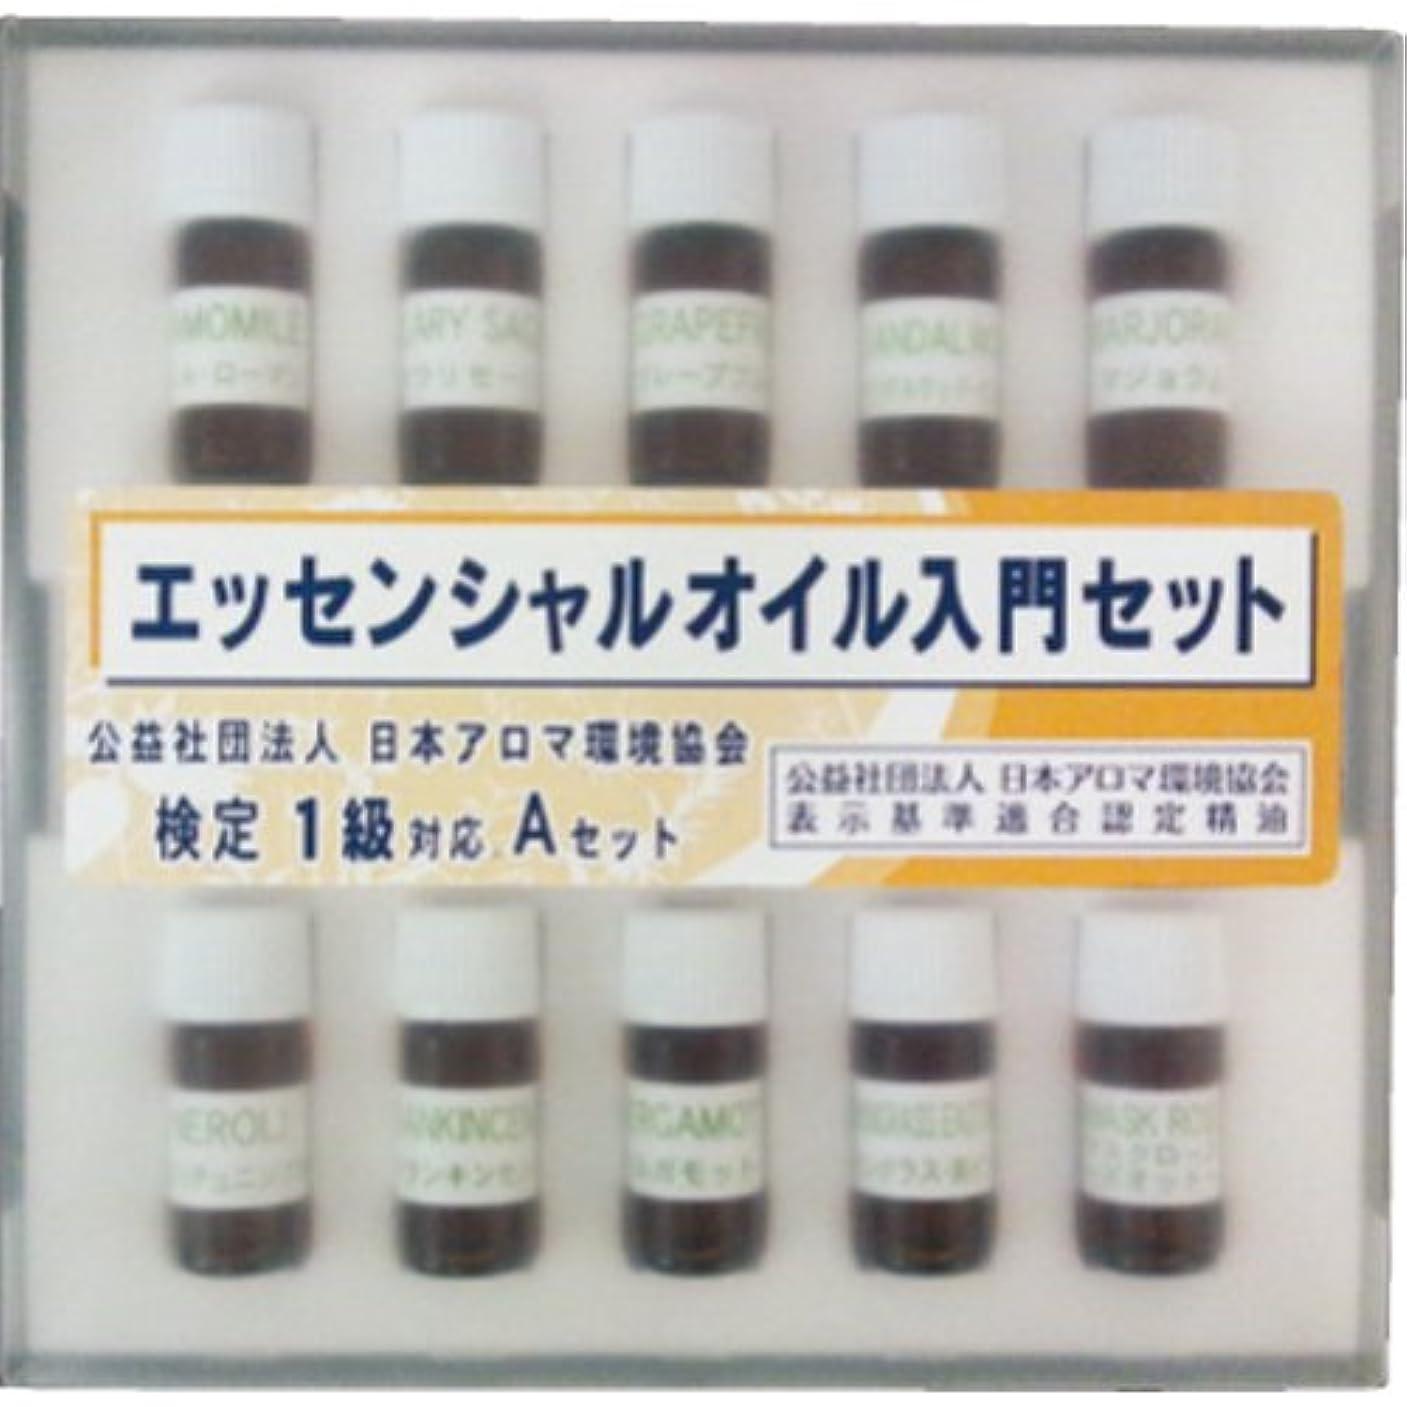 成分作者出血生活の木 (公社)日本アロマ環境協会資格試験対応セット 検定1級対応Aセット